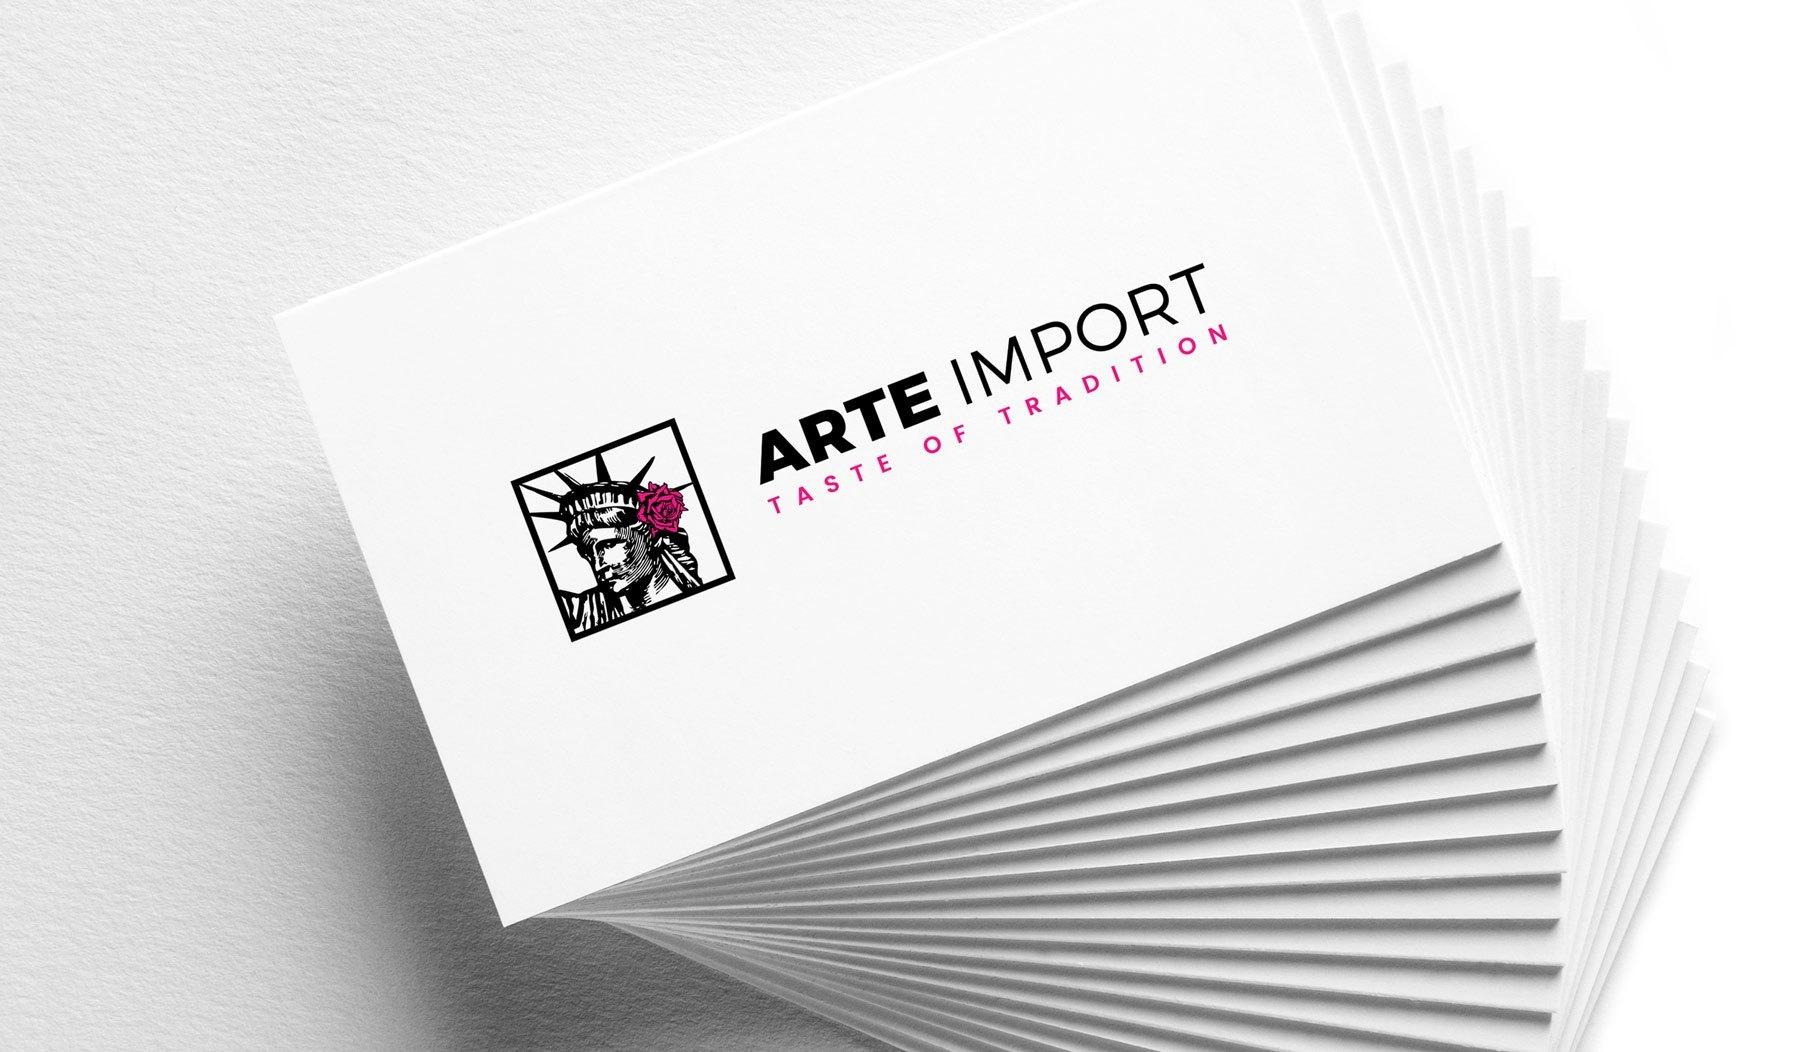 Arteimport Business Card